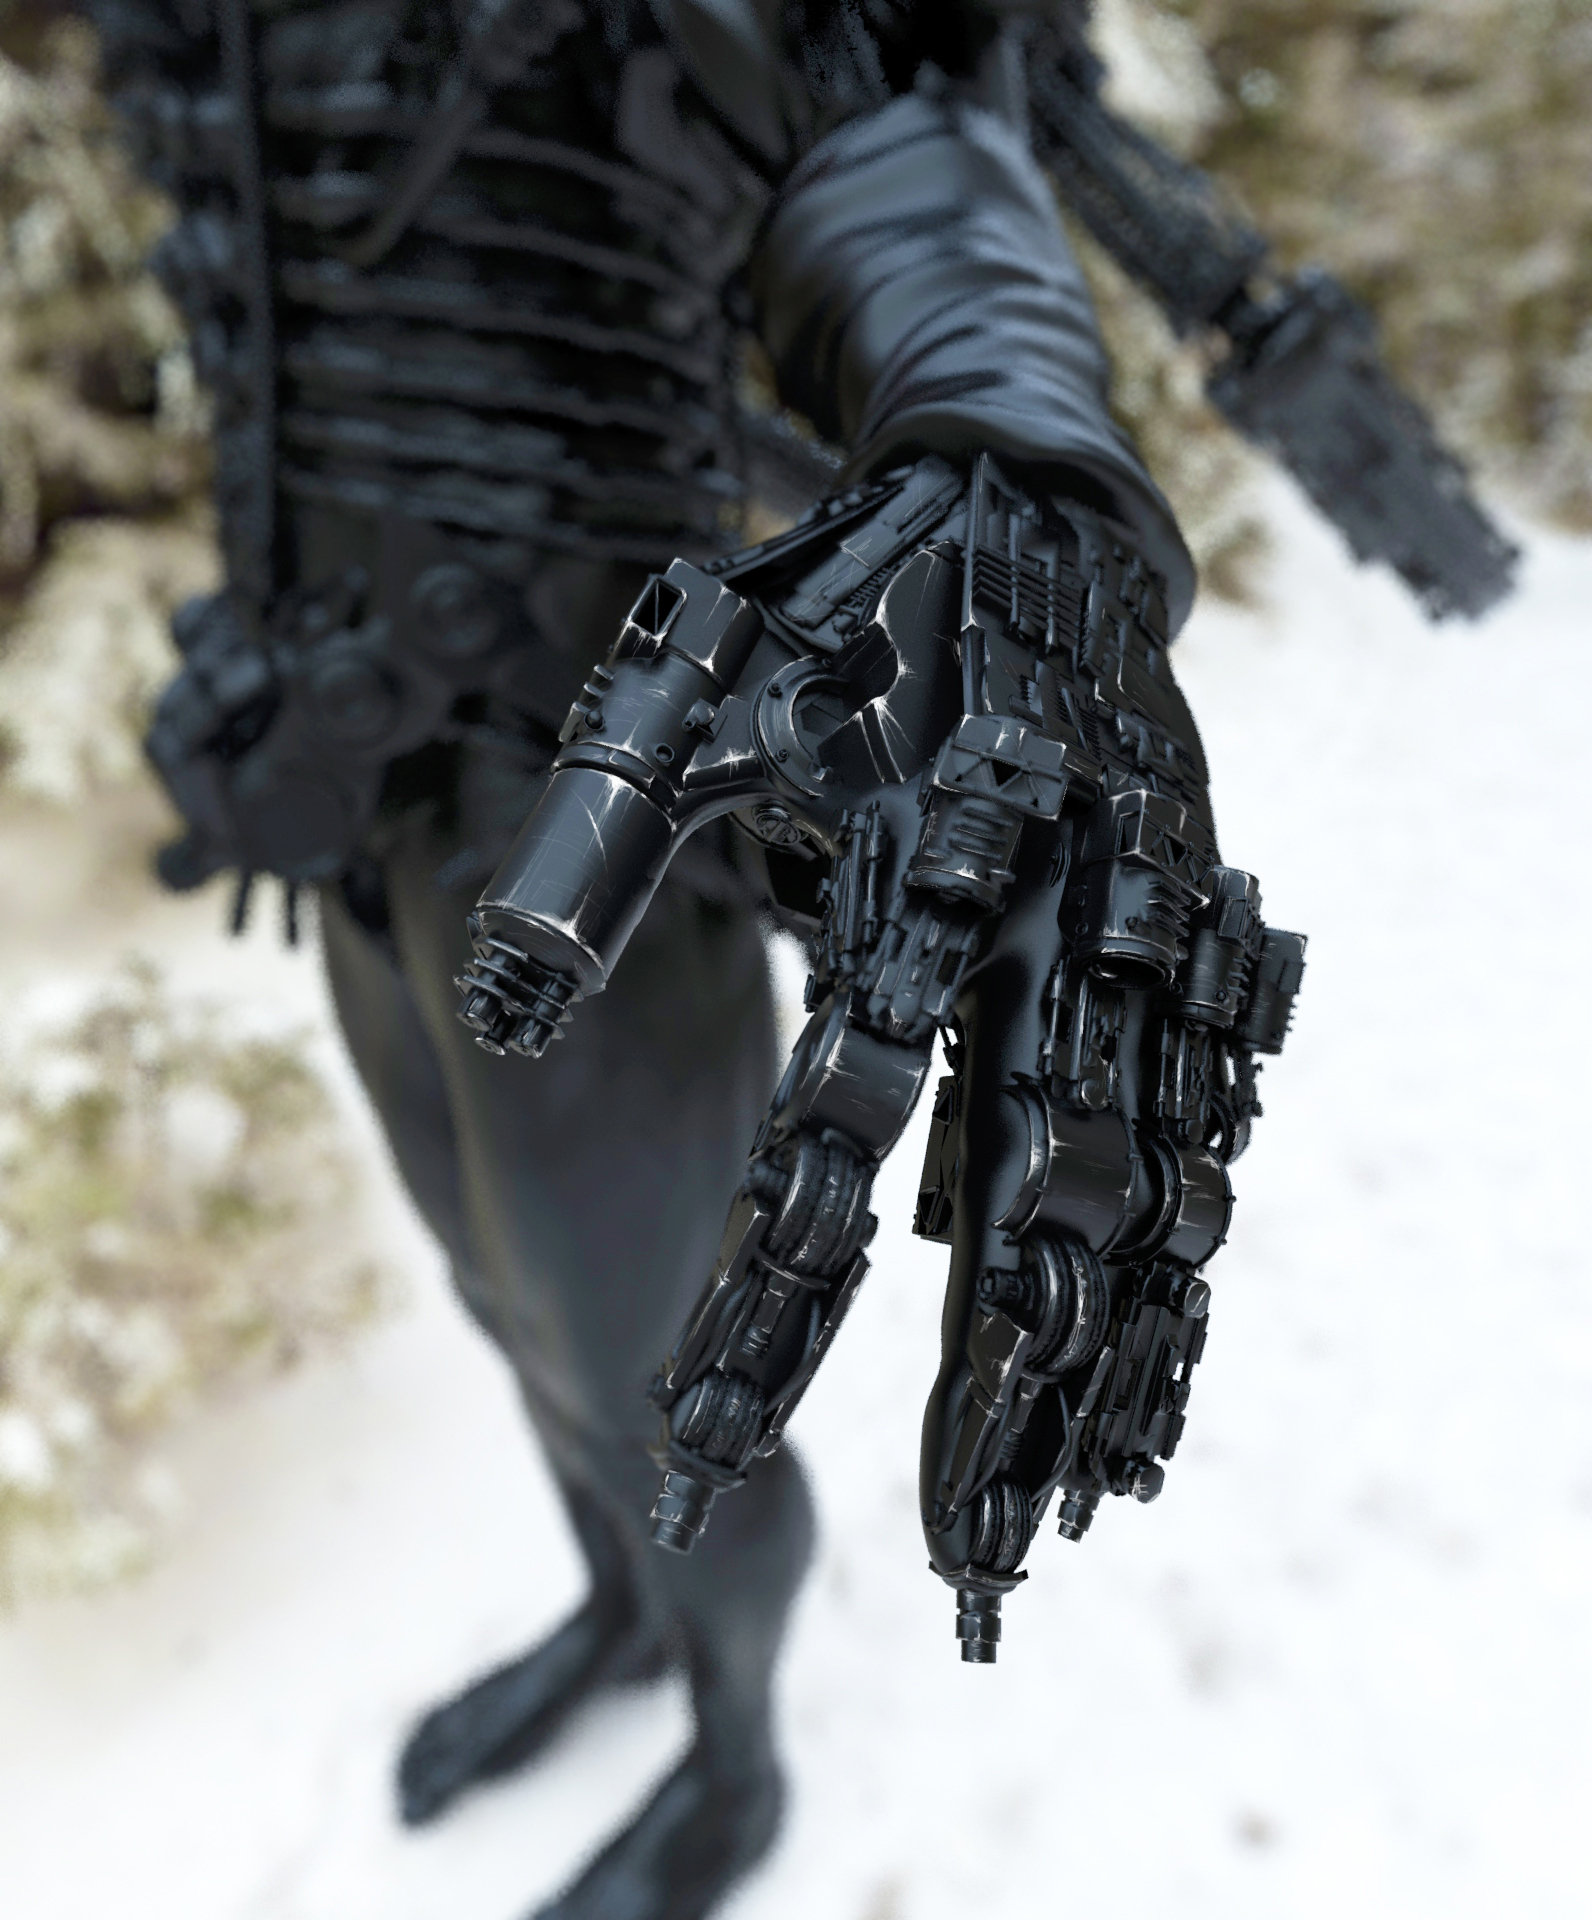 Mech Hand by Ulf3Dnar on DeviantArt